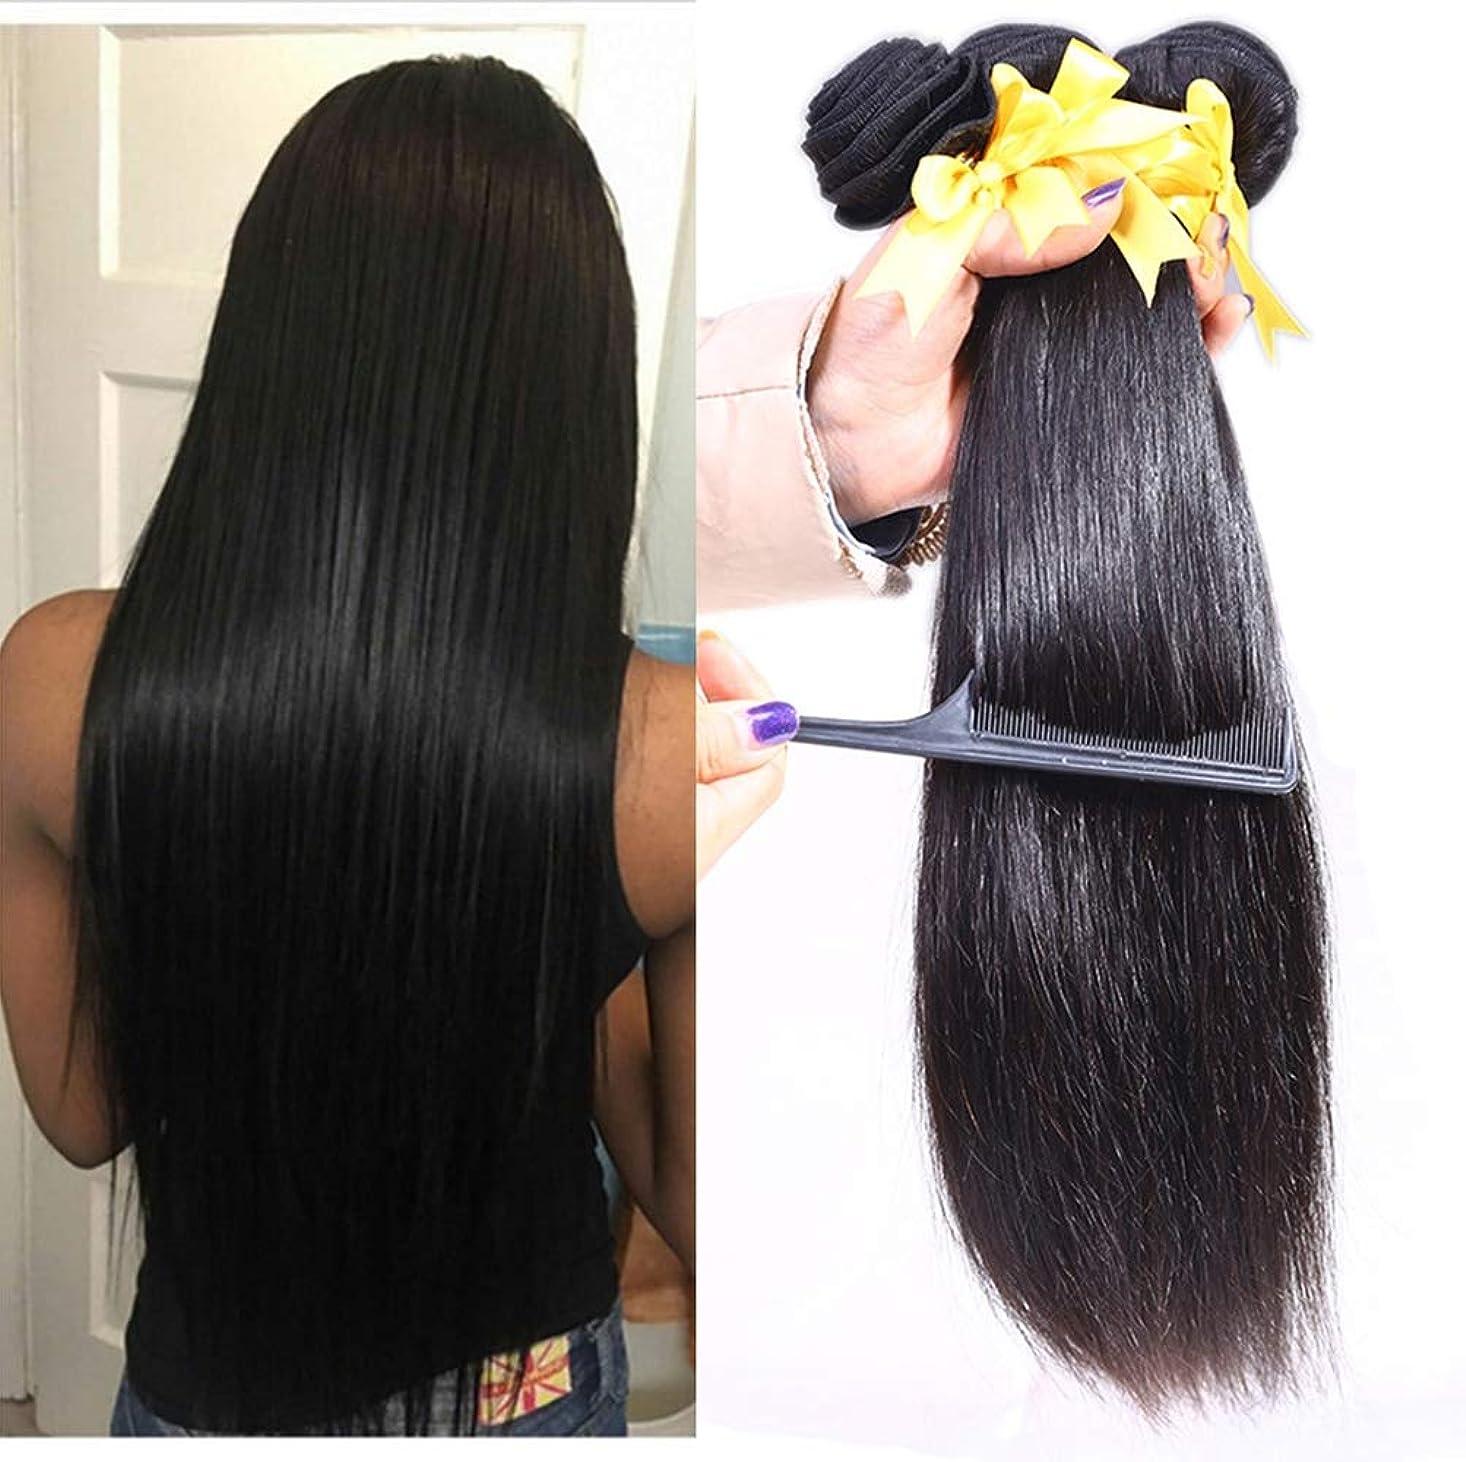 感嘆牛通信網女性150%密度バージンヘア1バンドルストレートヘア100%未処理の本物の人間の髪横糸ストレートヘアバンドル